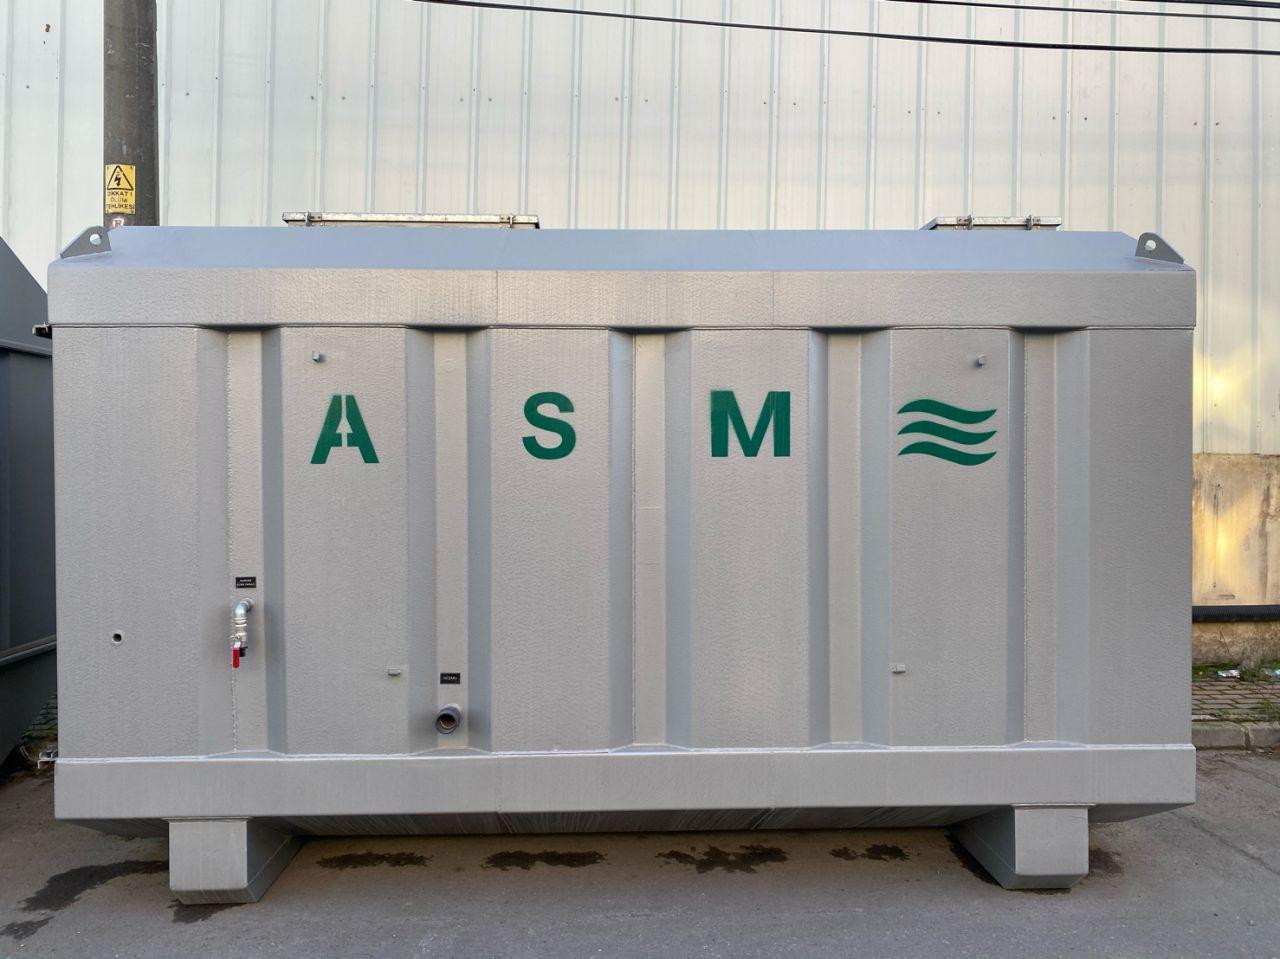 Paket Arıtma Sistemlerimiz imalat ve kontrolleri tamamlanarak müşterimize sevk edilmeye hazırdır.